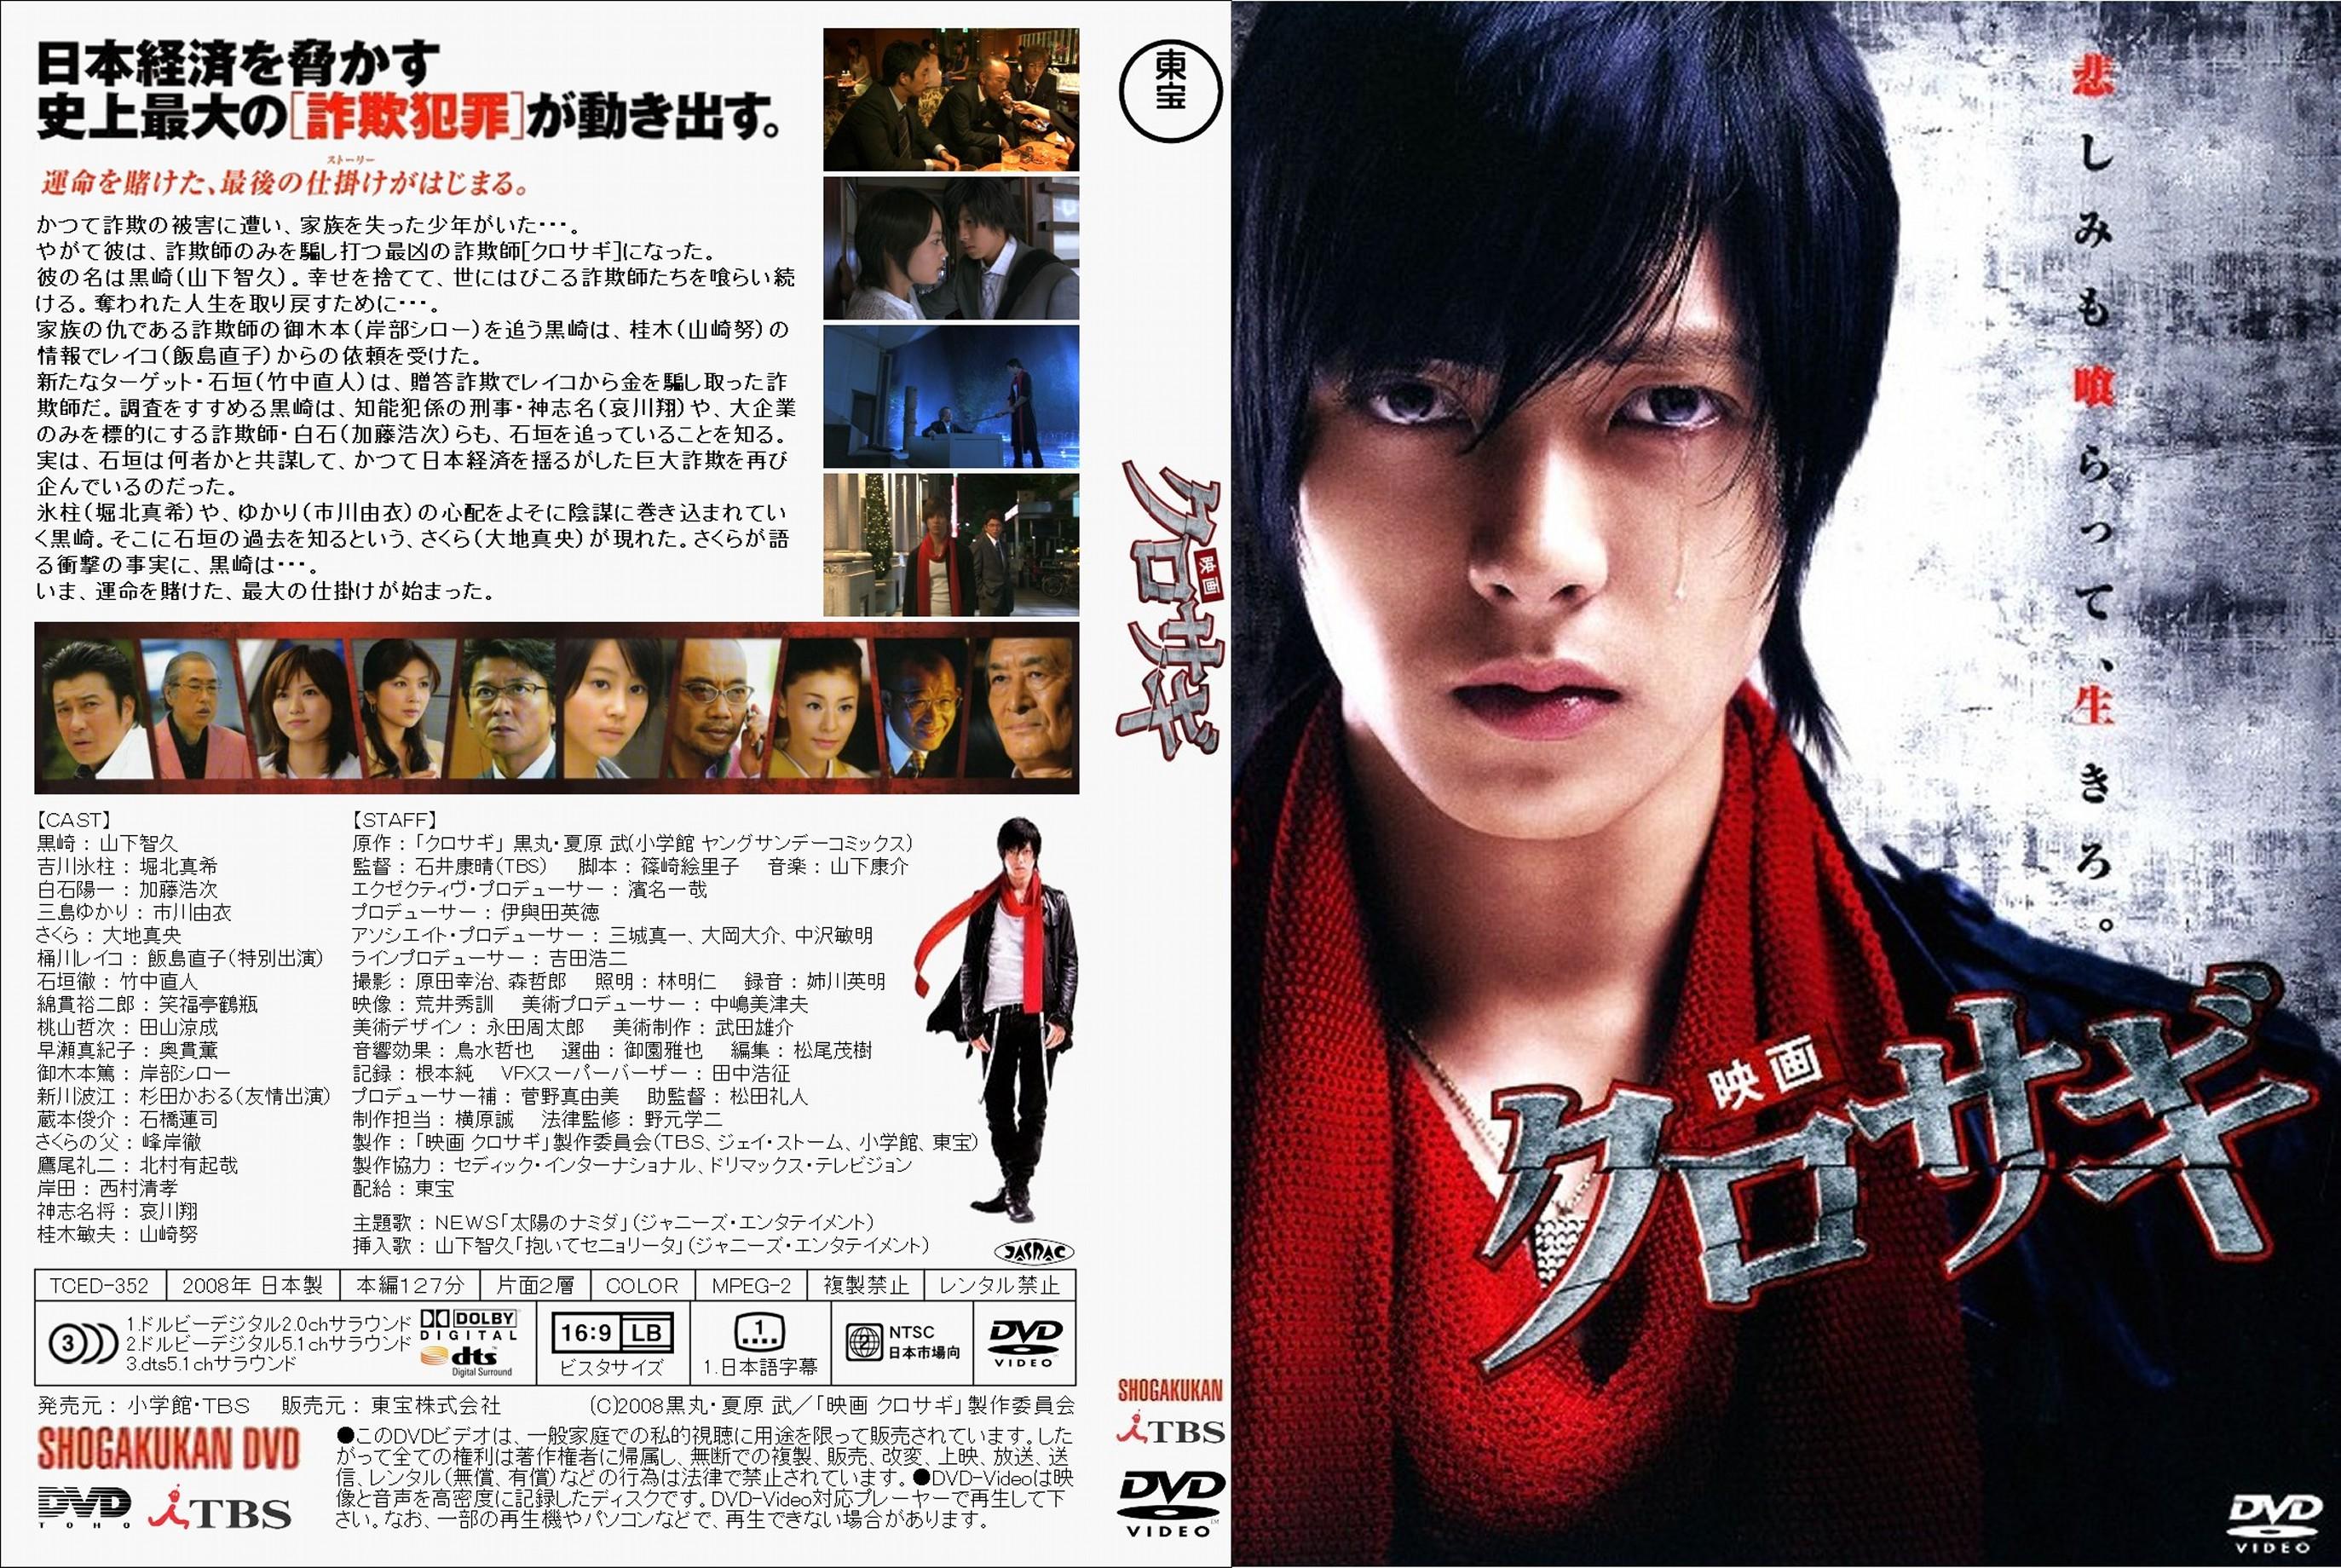 kurosagi_movie.jpg